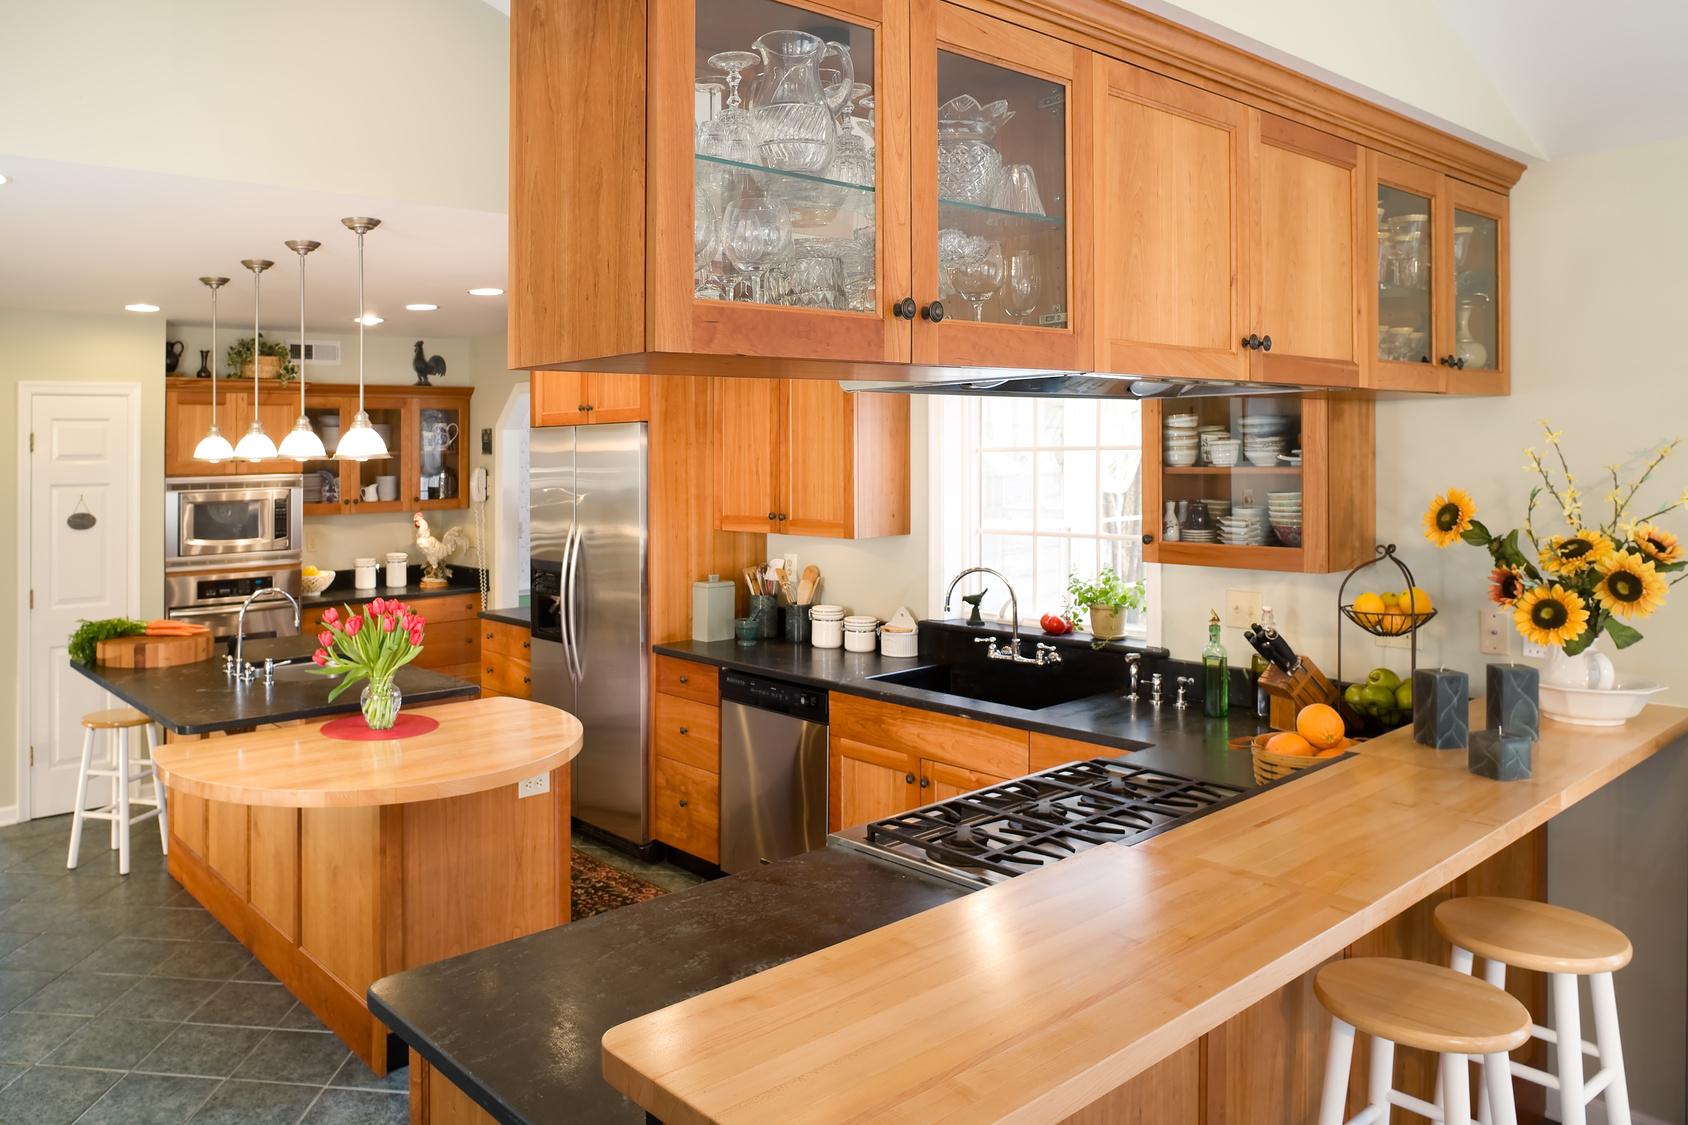 Moderne küchen g form  Die G-form Küche eine klassische Küchengrundform